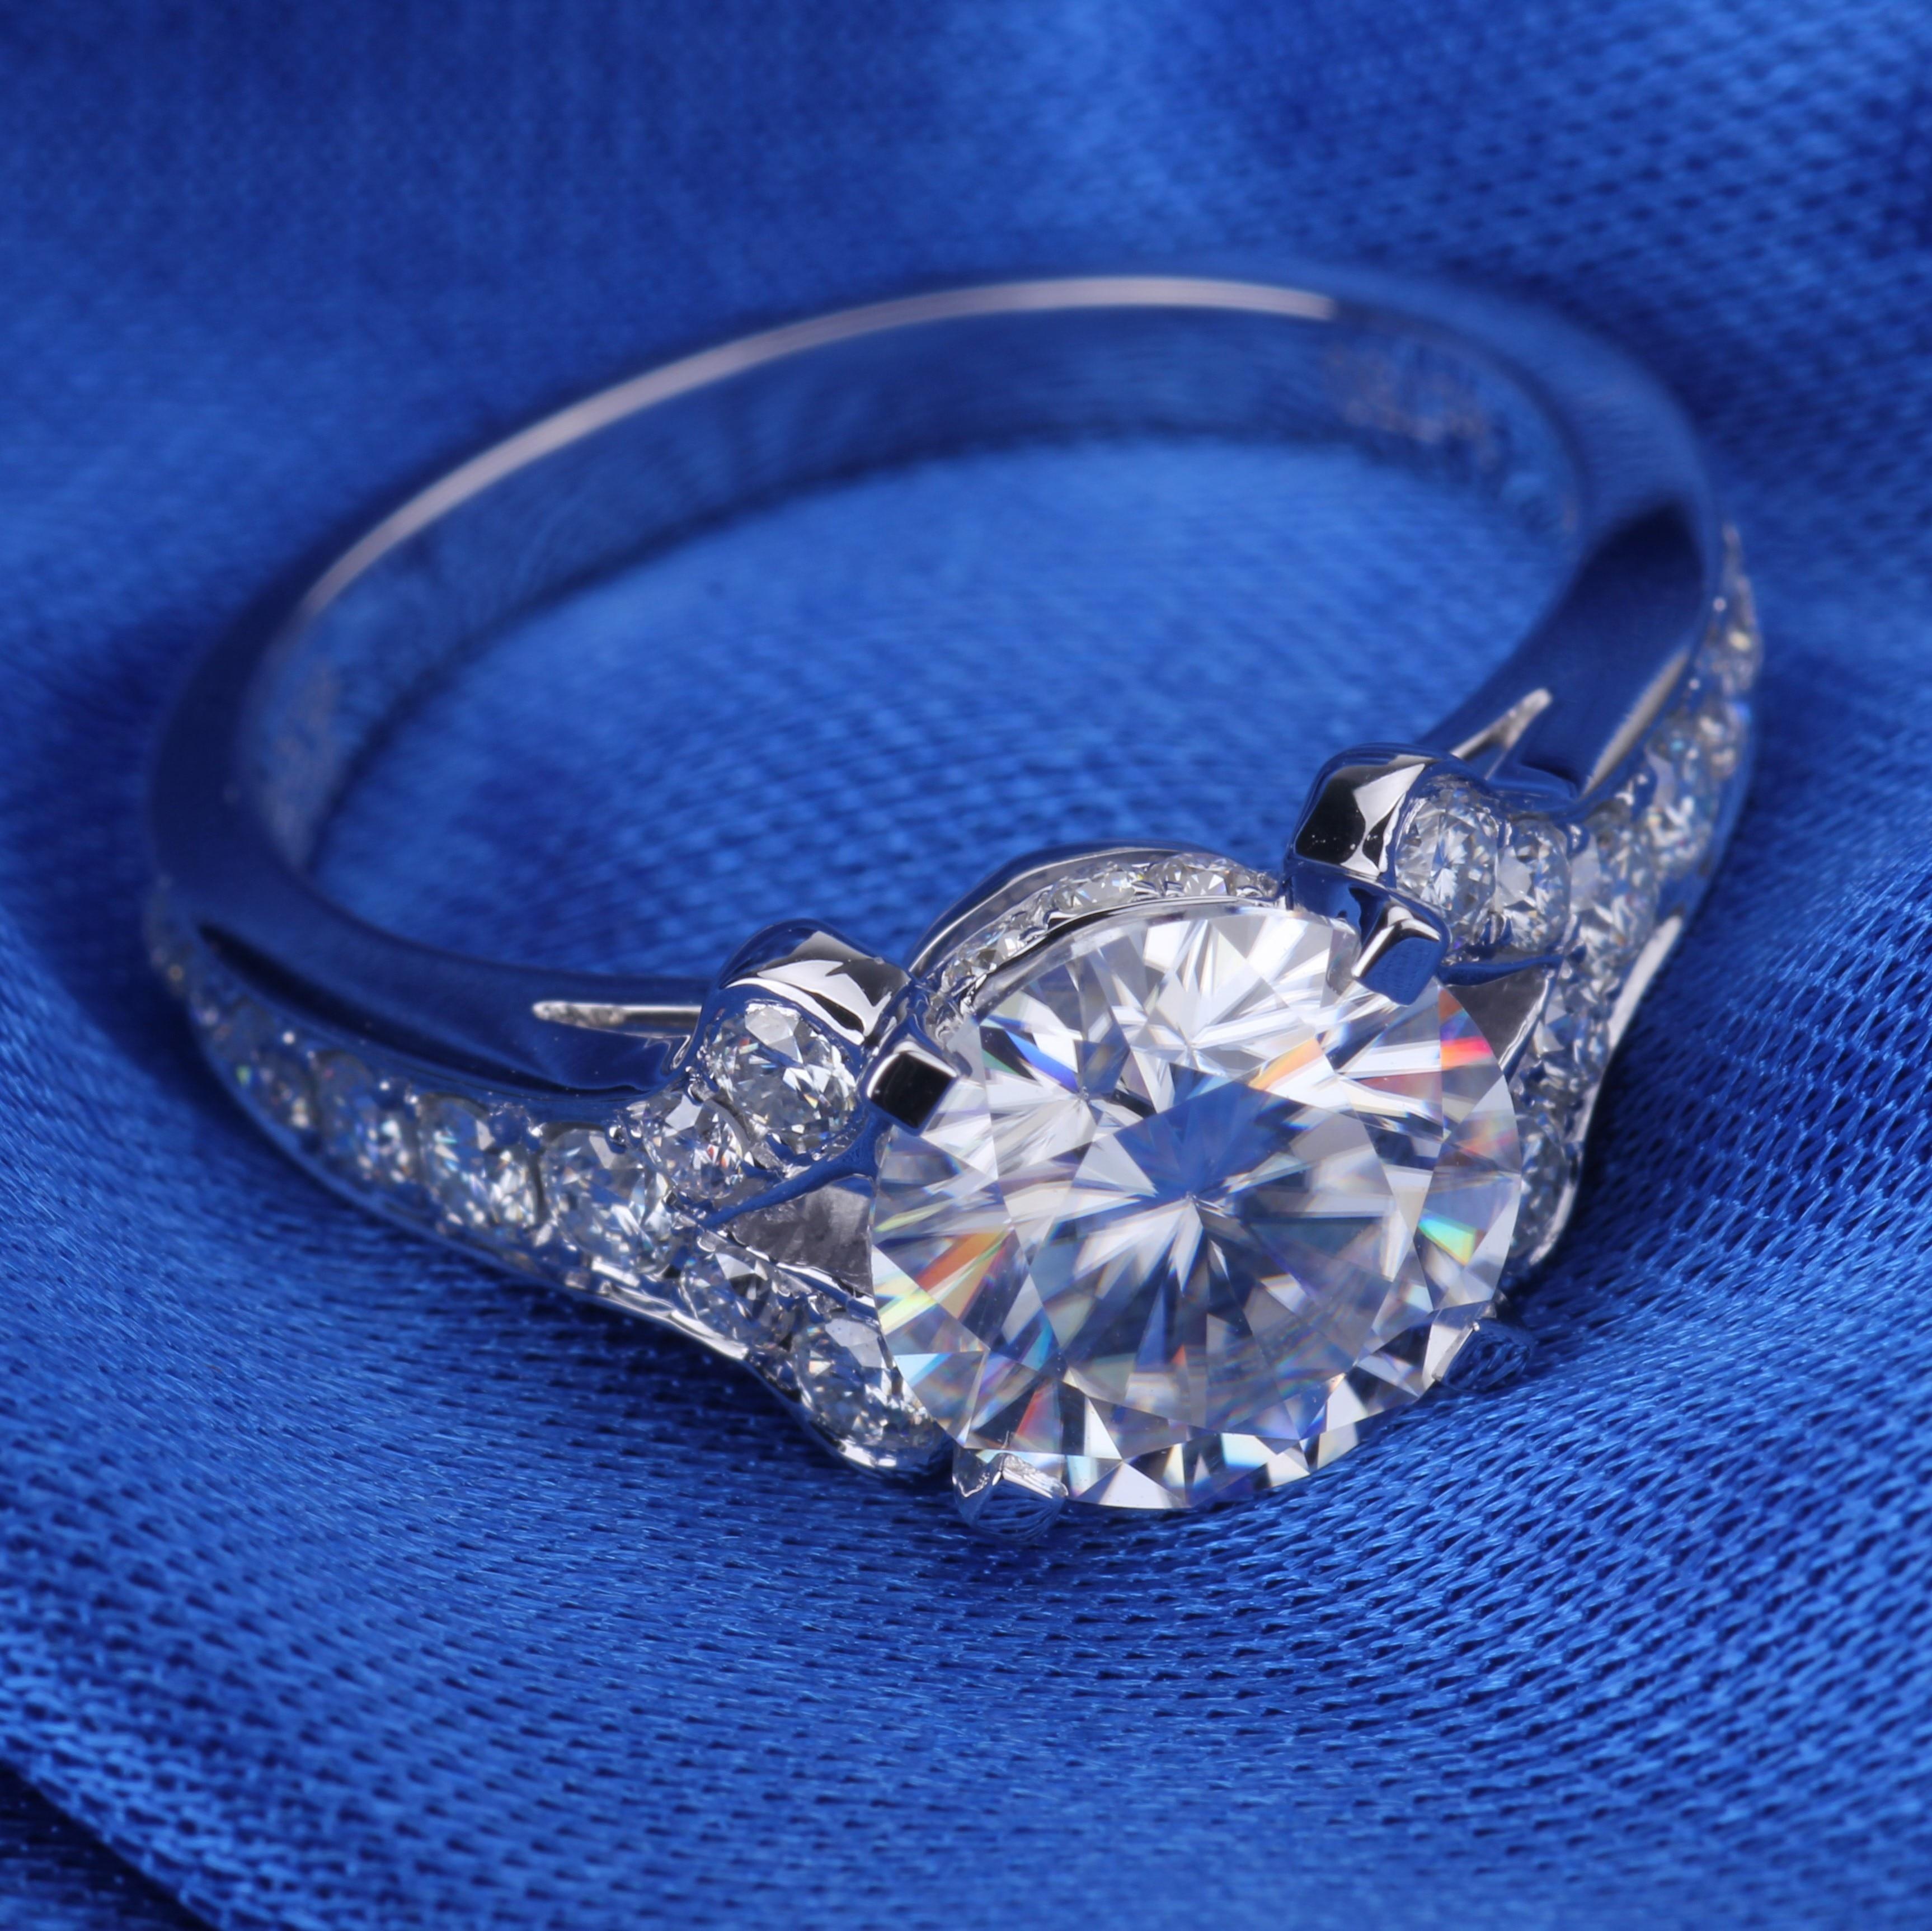 Bague de fiançailles en or blanc Halo 14 k avec diamant rond 1ct DEF Moissanite